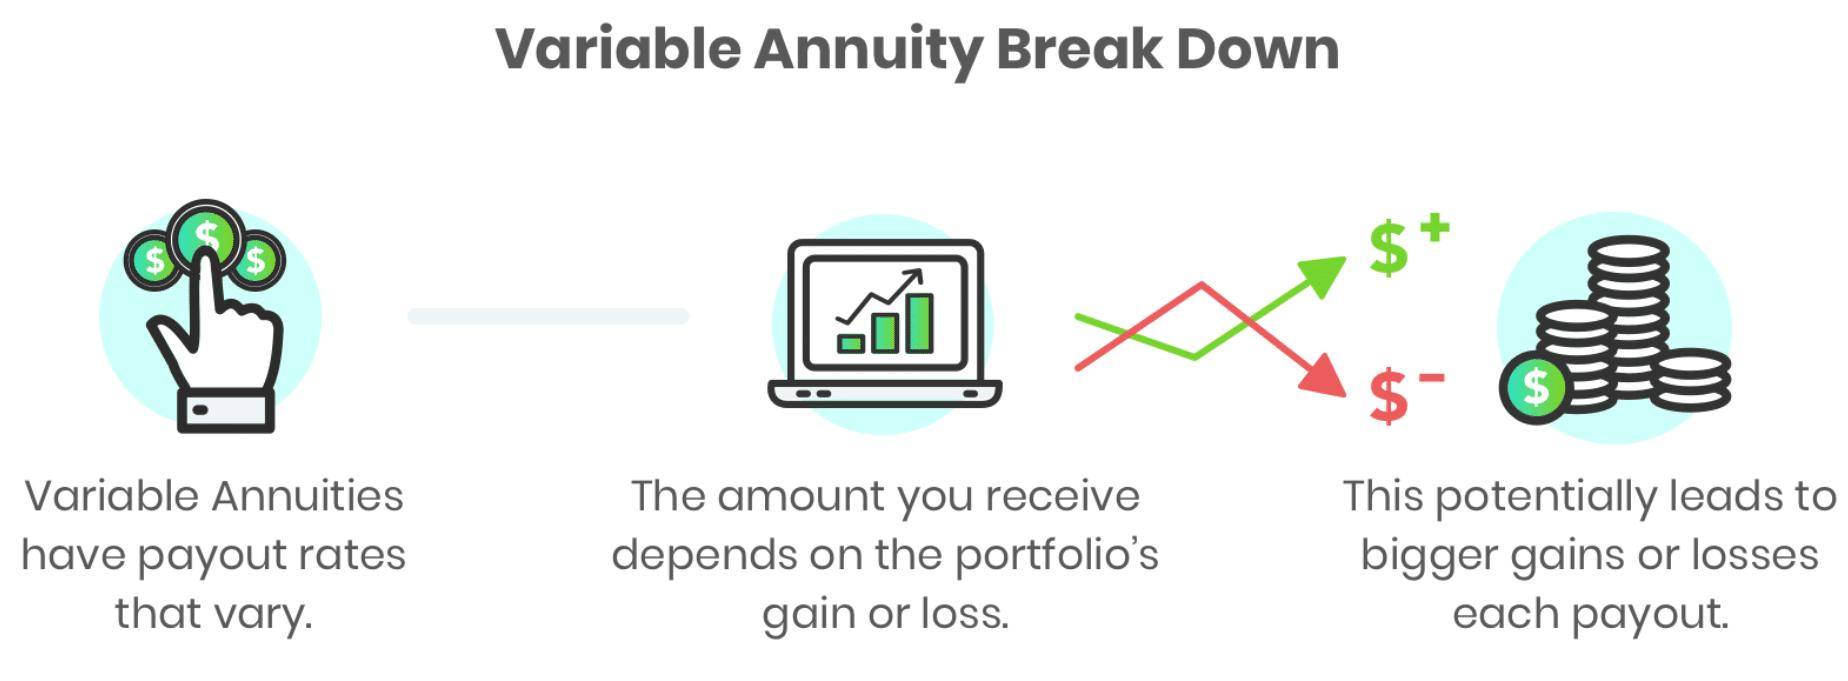 Variable Annuity Break Down